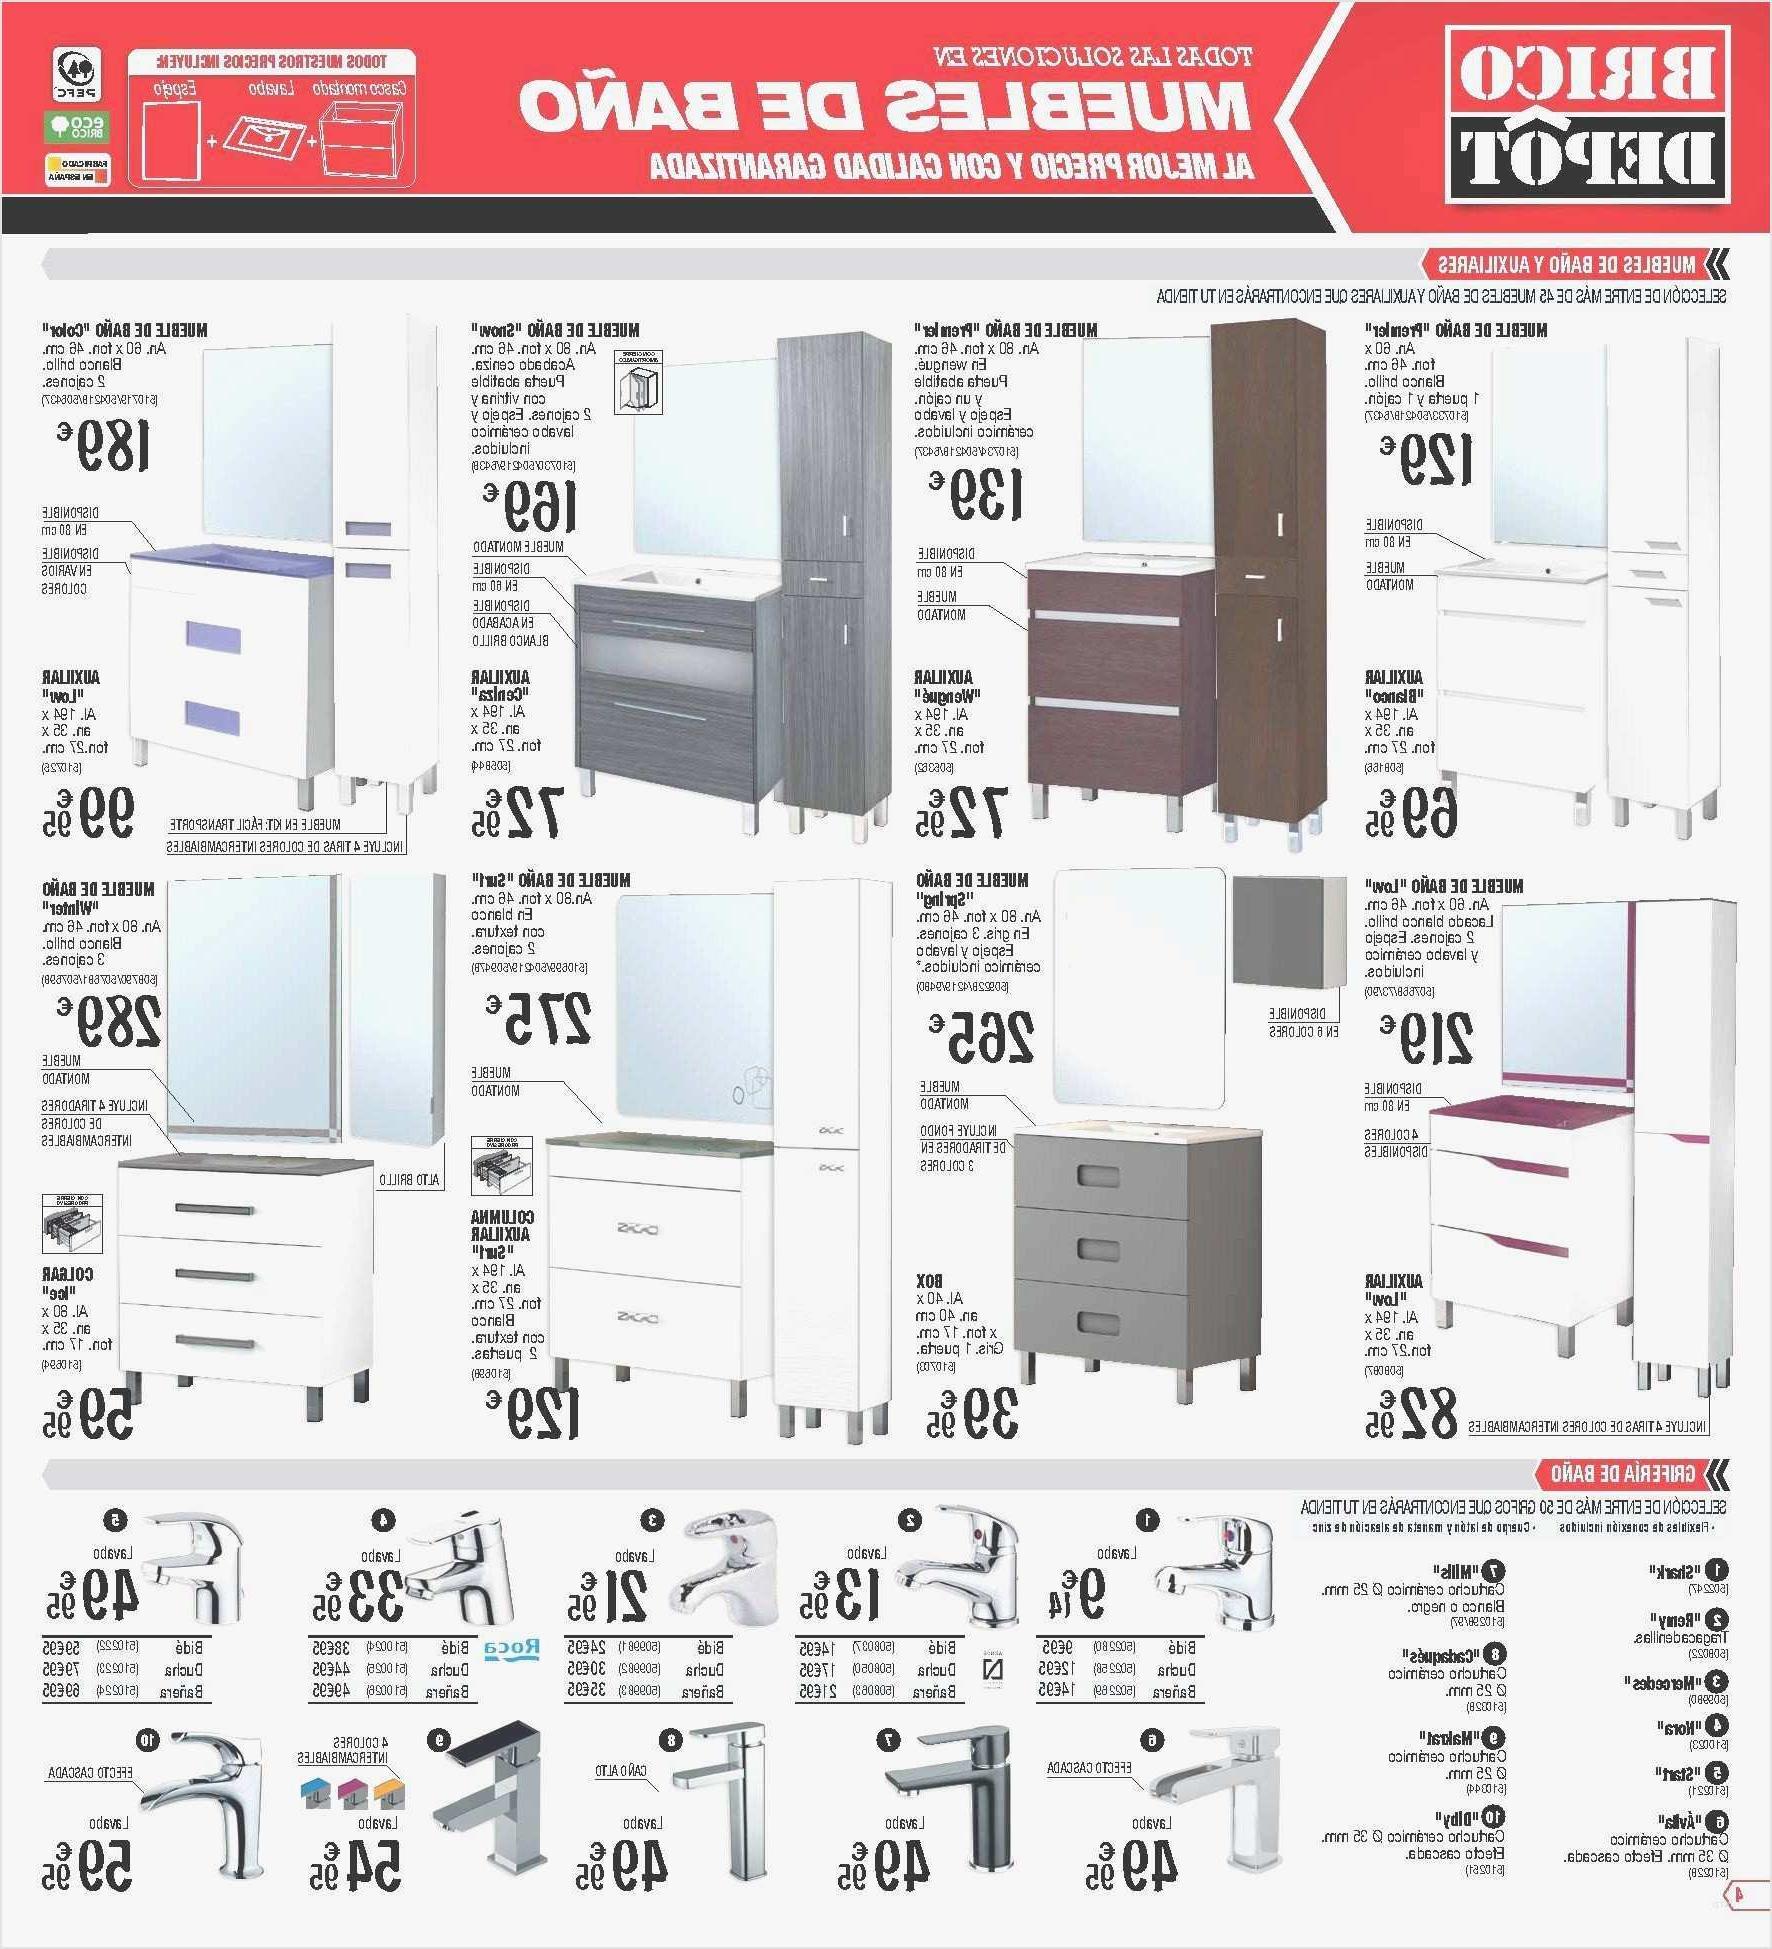 Ruedas Para Muebles En Brico Depot Wddj Inspirador Elegante Nuevo Novedades Muebles De Baà O Brico Depot 2016